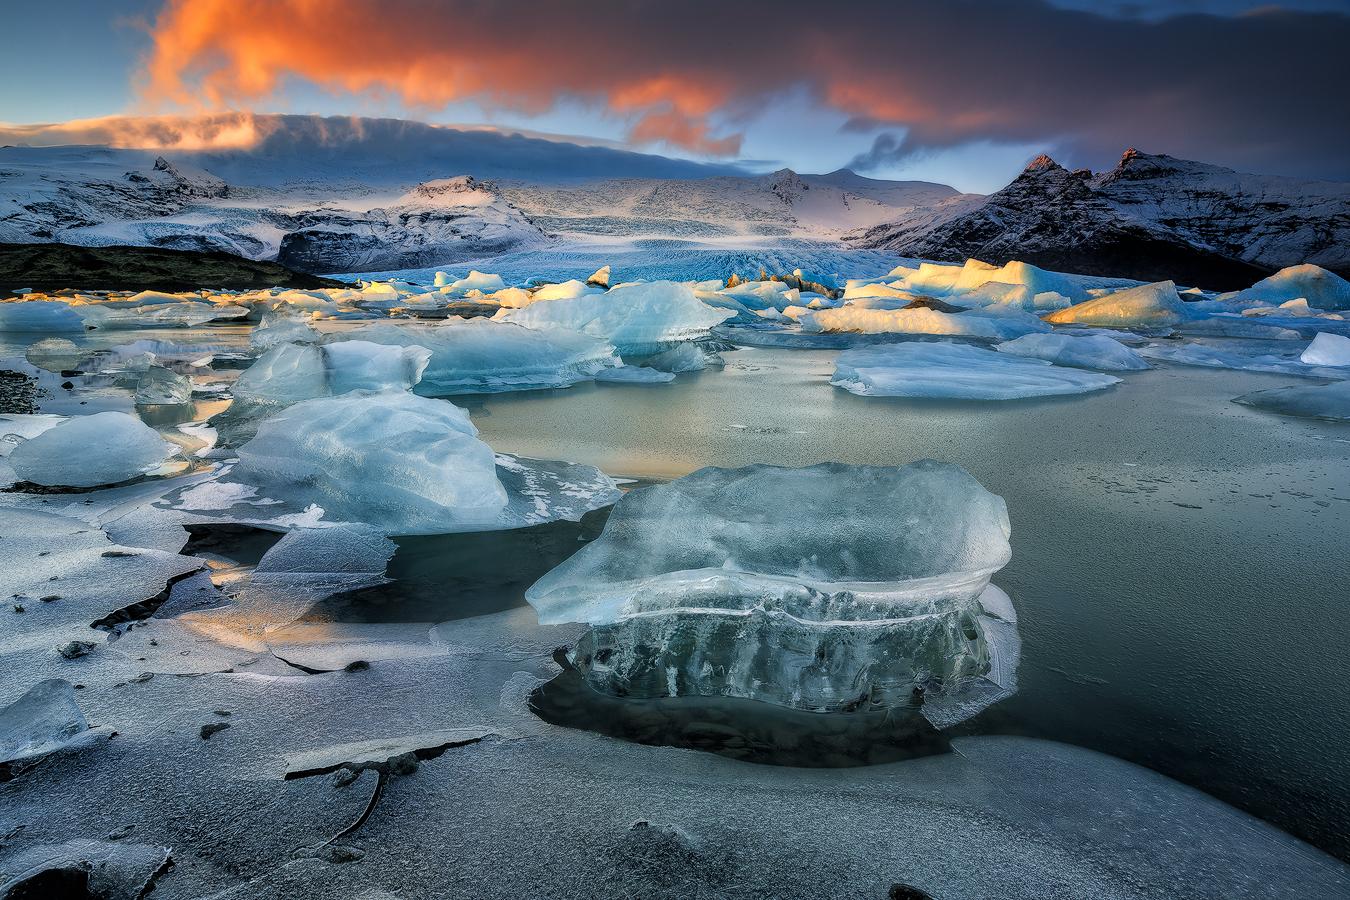 ヨークルスアゥルロゥン氷河湖ツアー